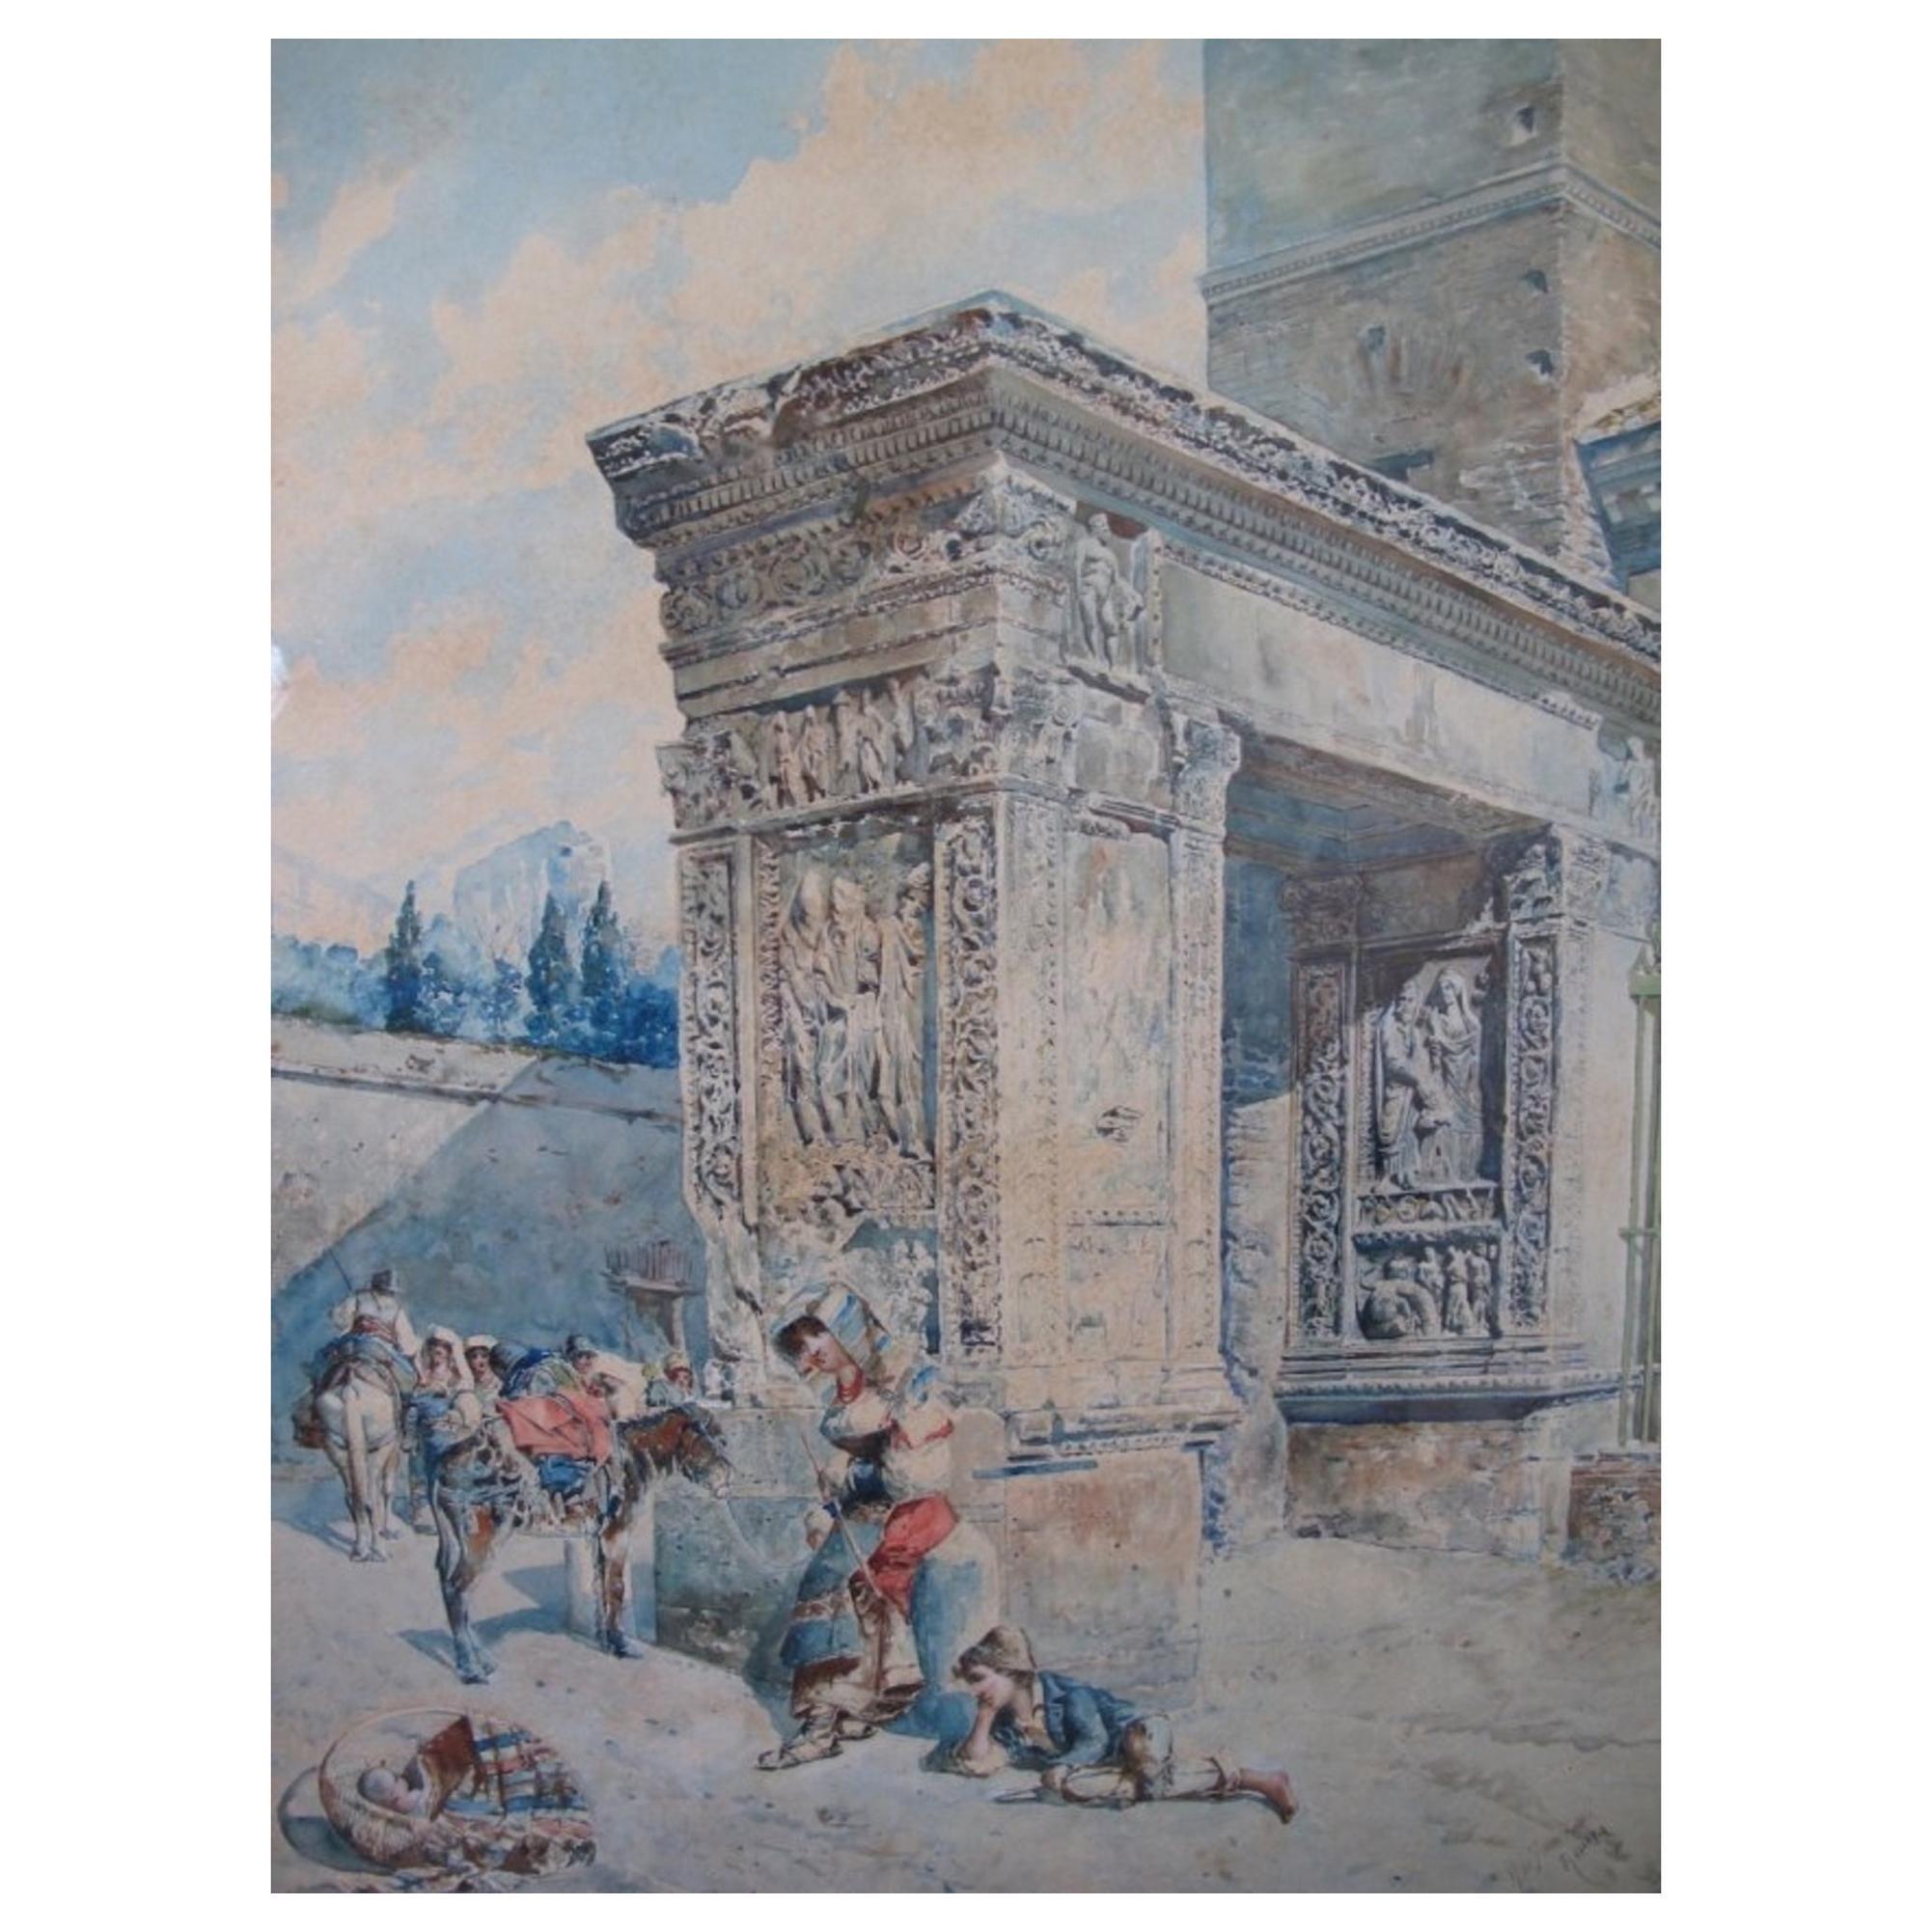 Italian Watercolor by Mariano De Franceschi